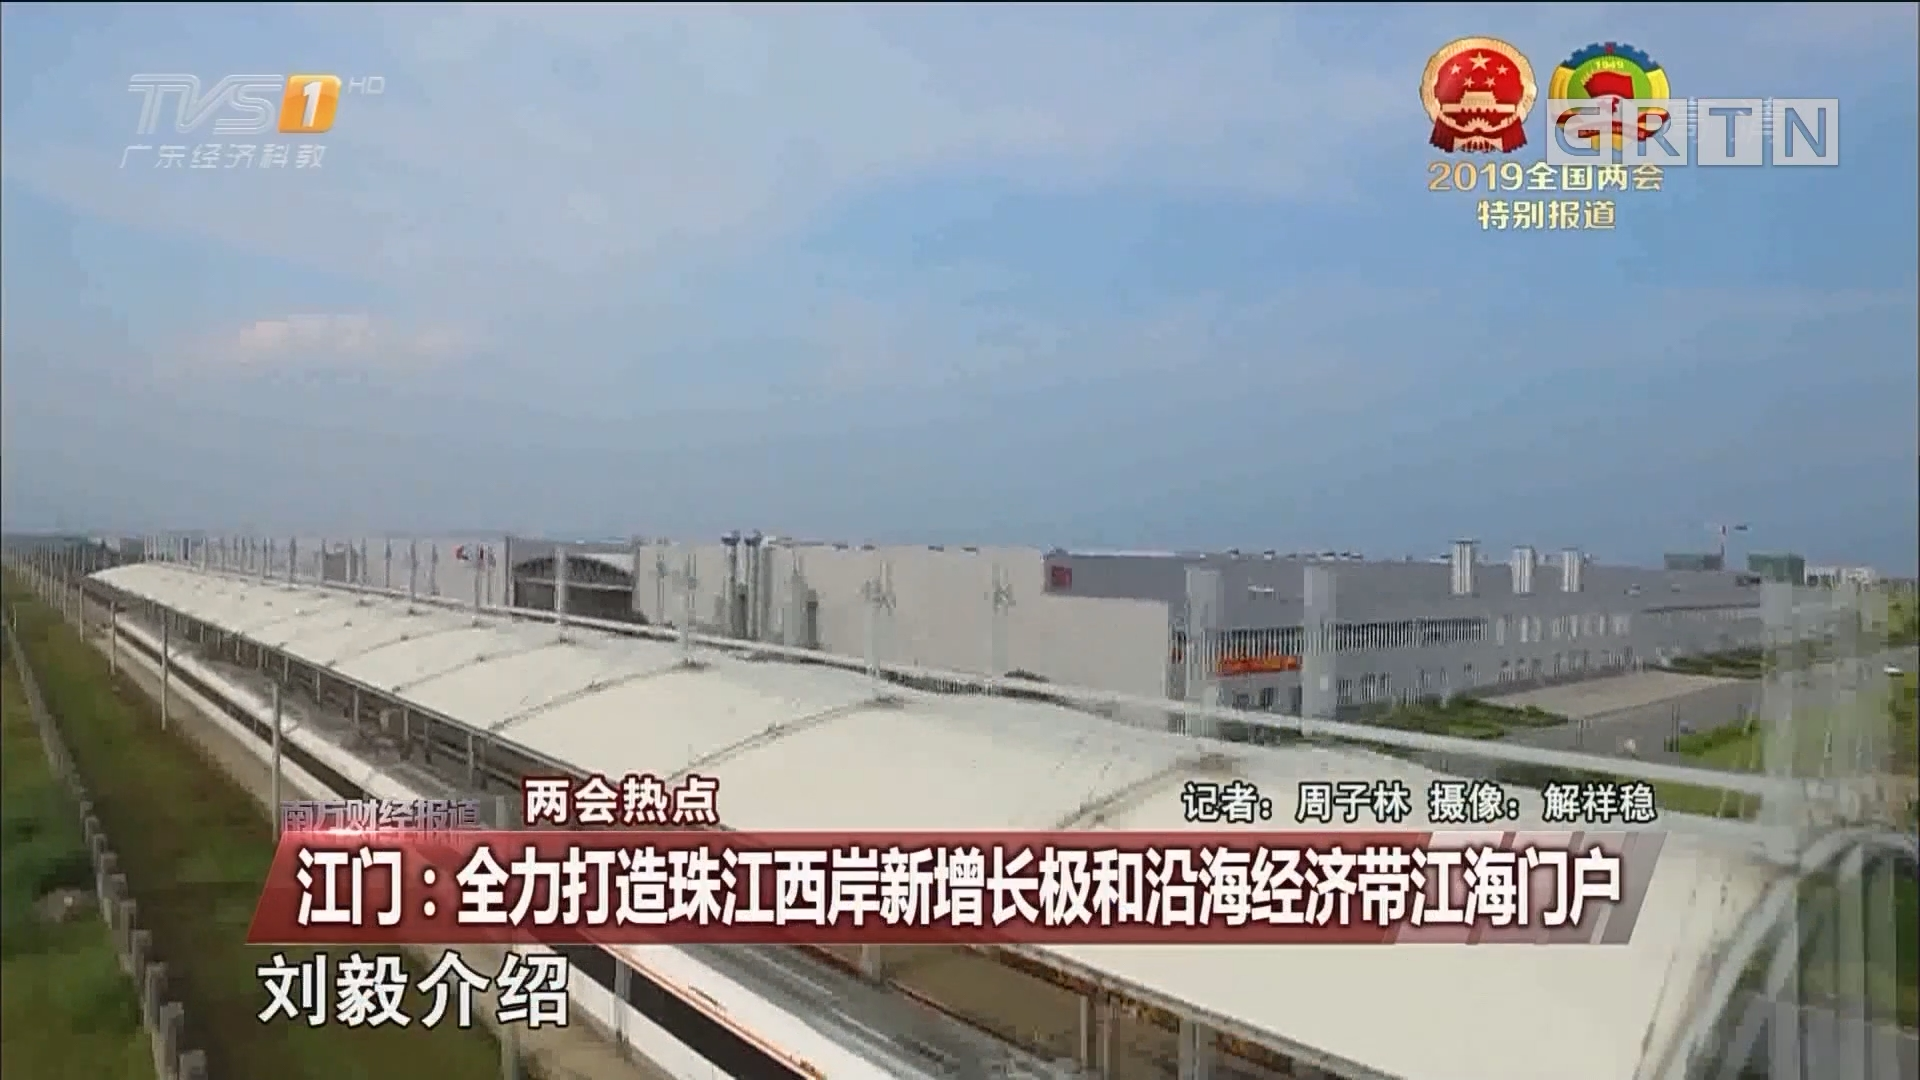 两会热点 江门:全力打造珠江西岸新增长极和沿海经济带江海门户